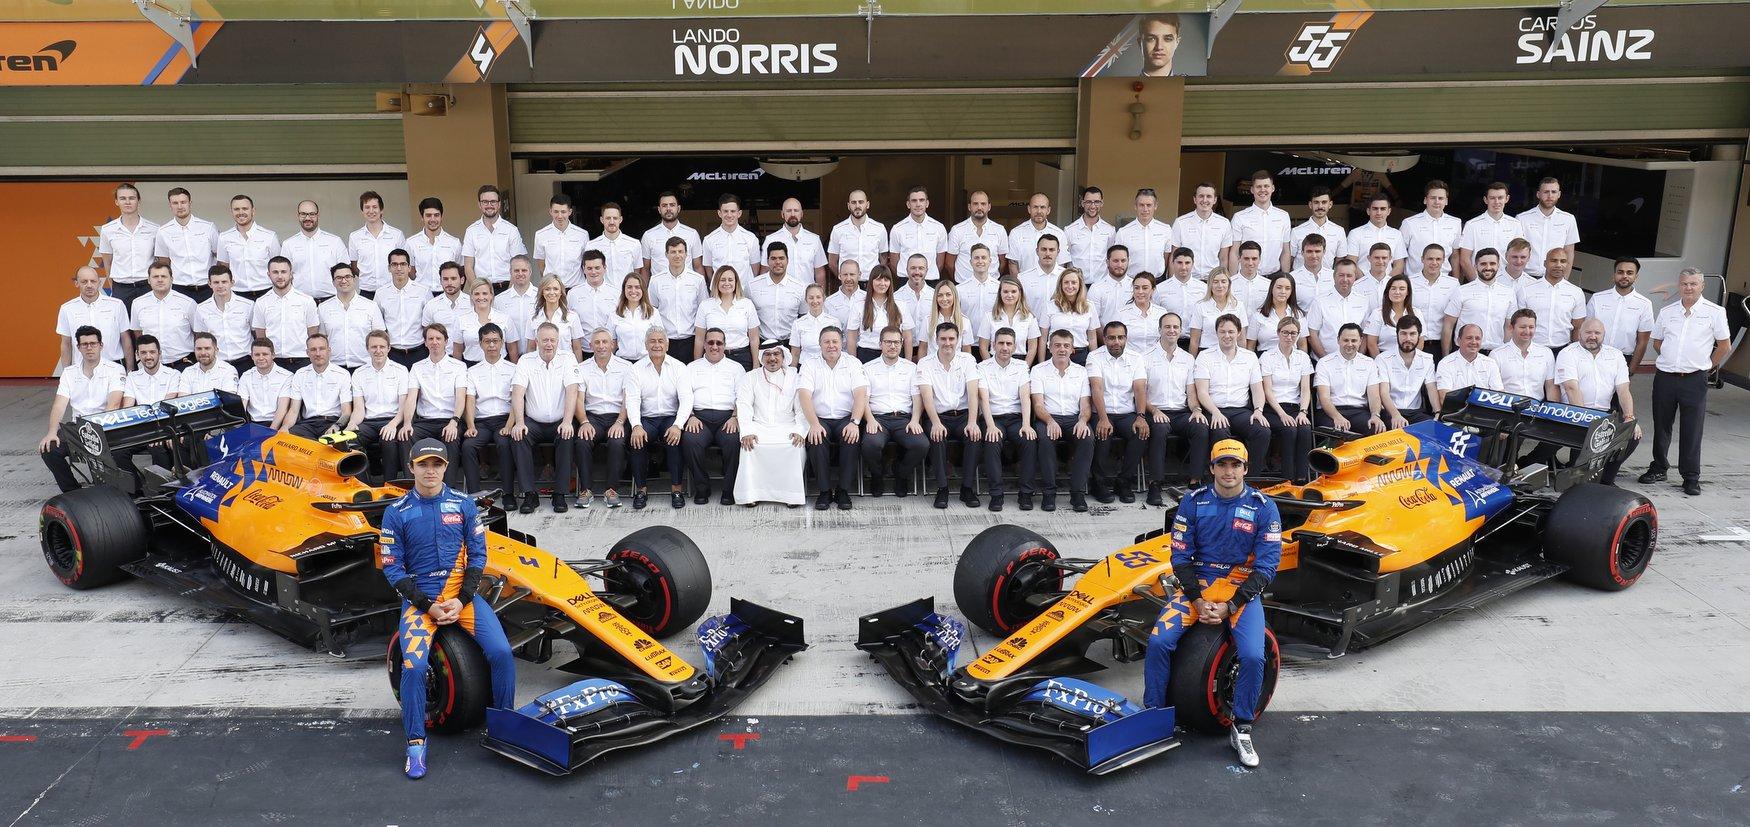 Team photo Lando Norris, McLaren, Carlos Sainz, McLaren, Zak Brown, Executive Director, McLaren, Andreas Seidl, Team Principal, McLaren, and the McLaren team